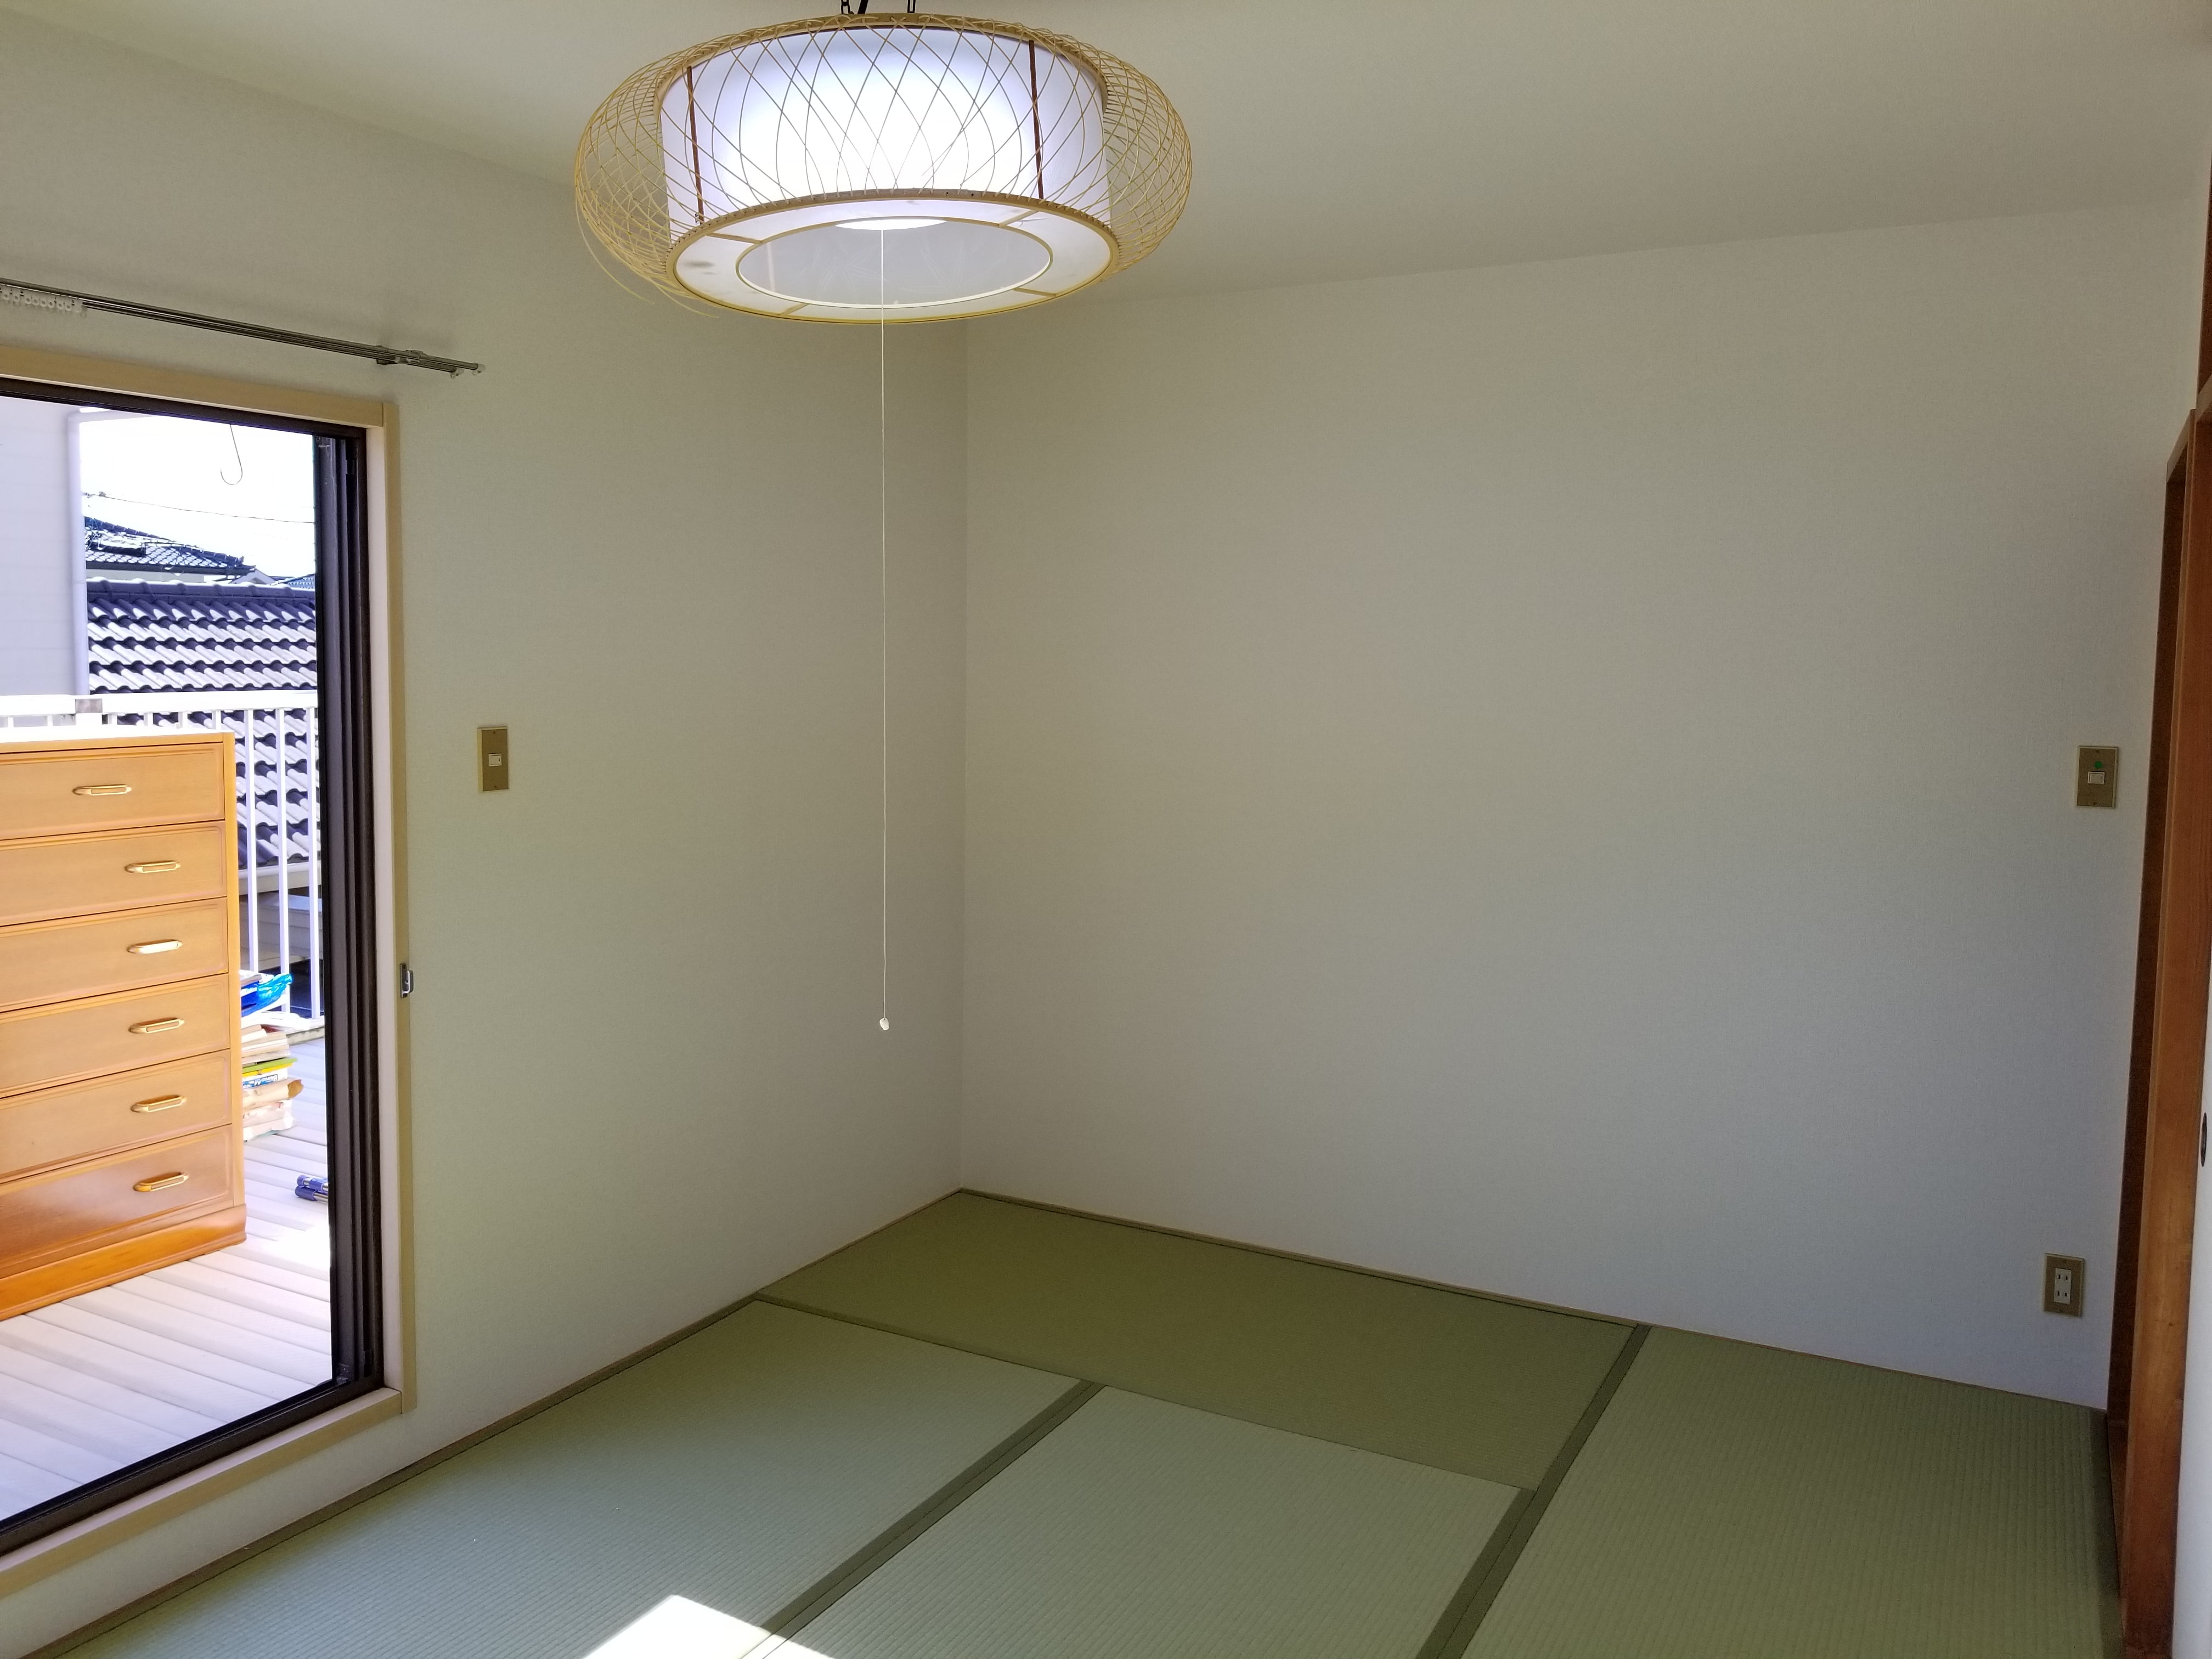 長崎市で和室の壁紙の張替えリフォーム 長崎壁紙 クロス 張替え